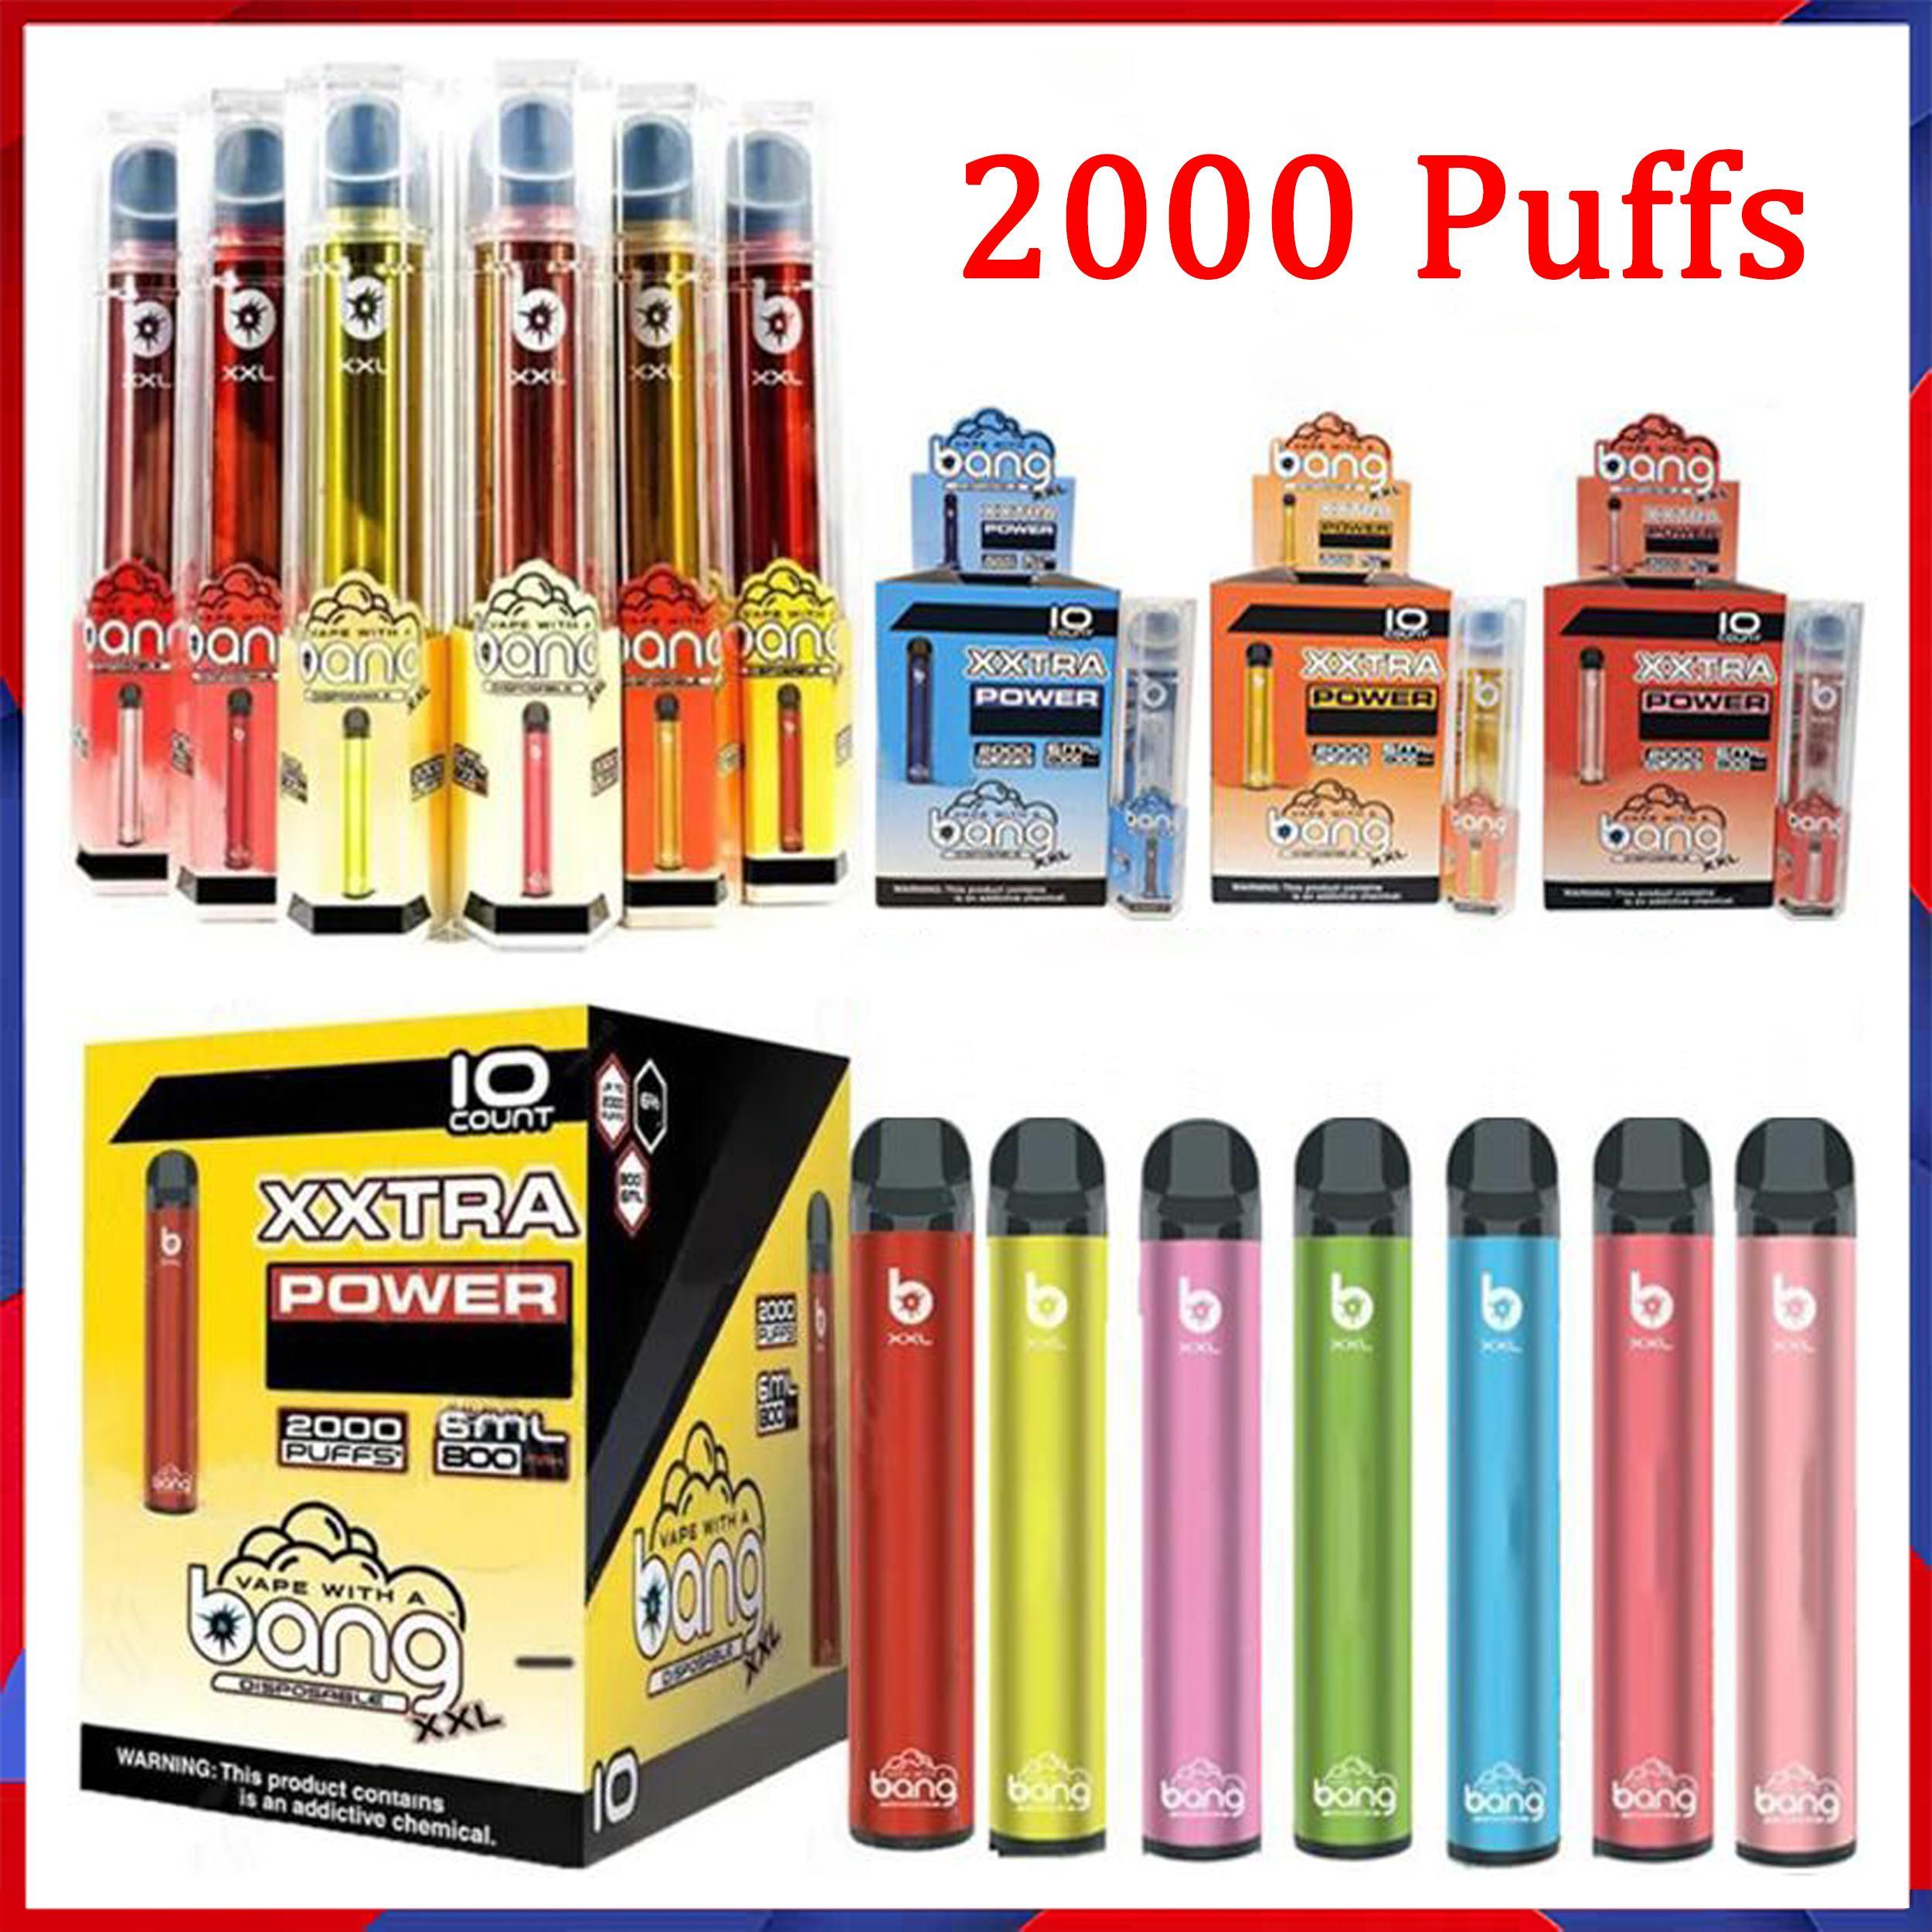 Nuovo dispositivo di sigaretta monouso Bang XXL 800mAh Batteria di accensione pre-riempita 6ml POD POD 2000 BUFFS XXTRA Kit Penna VAPA 20 colori